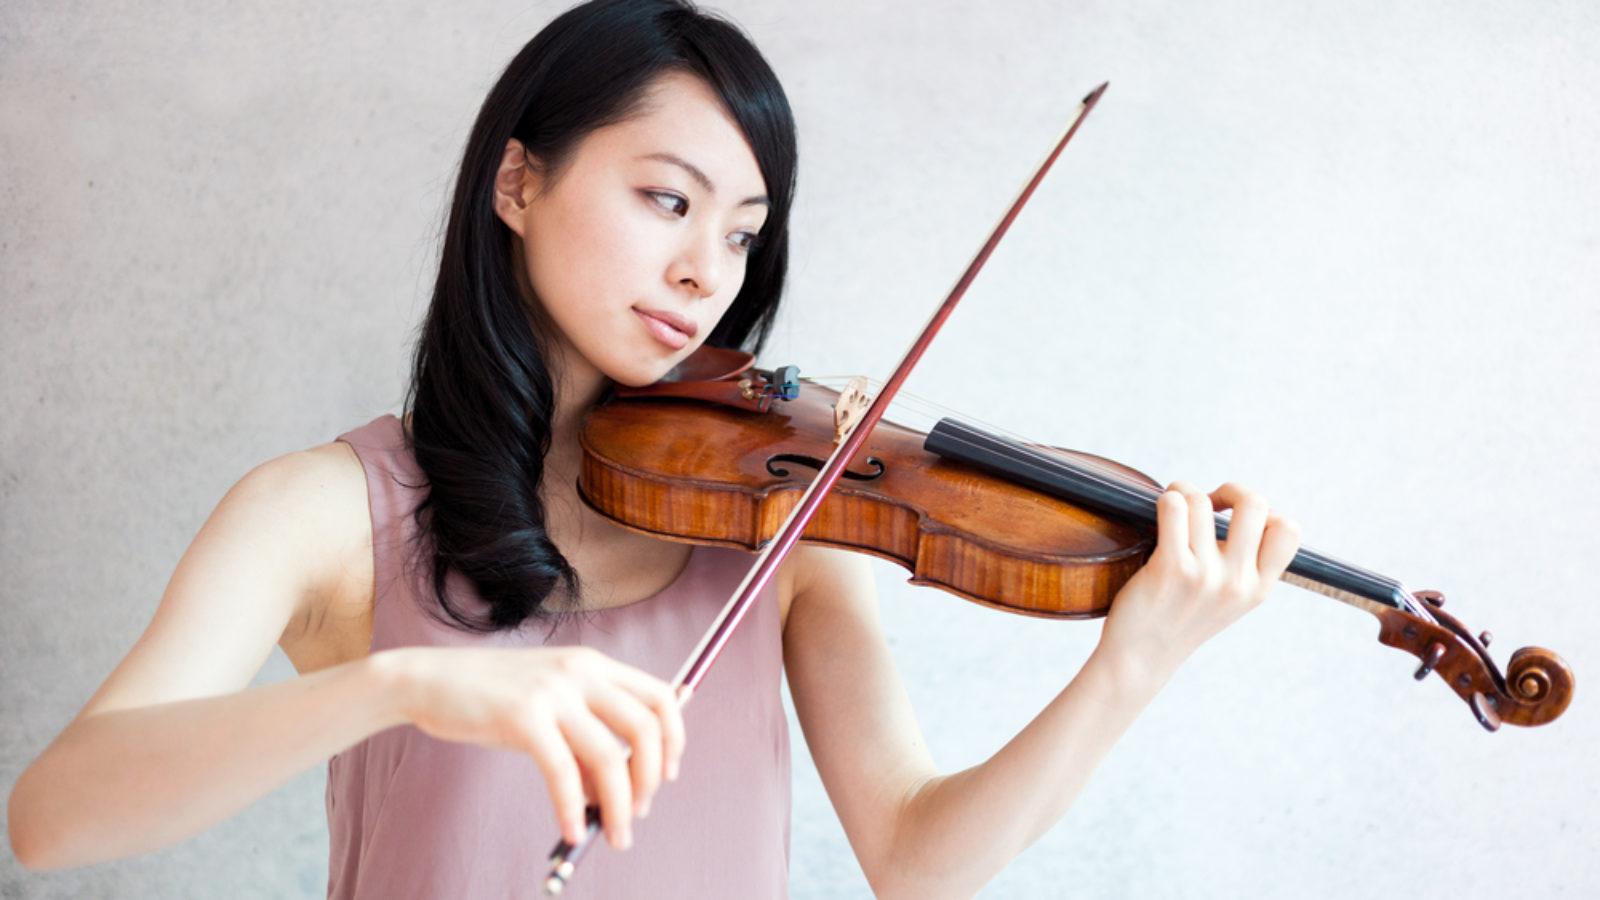 ヴァイオリンの顎当ての種類を大解説!形や素材が違うから交換すると音も変わる